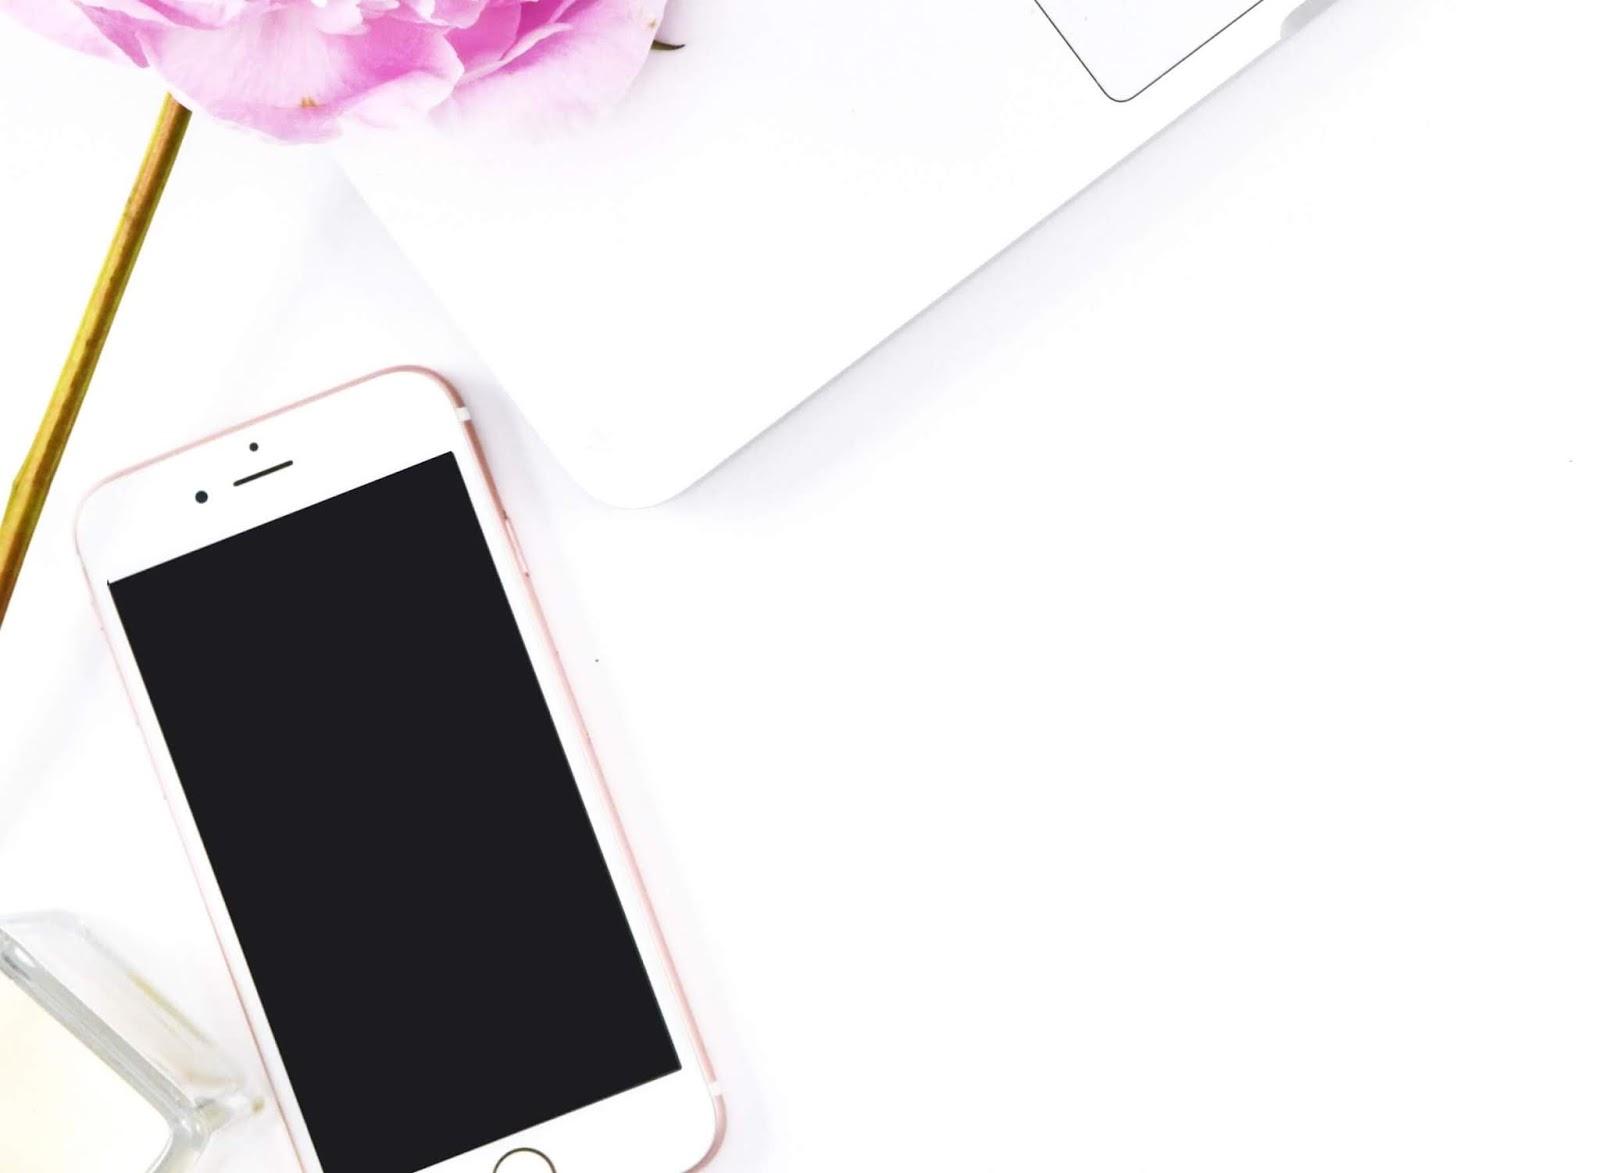 Engajamento no Instagram - 12 dicas para aumentar o seu!